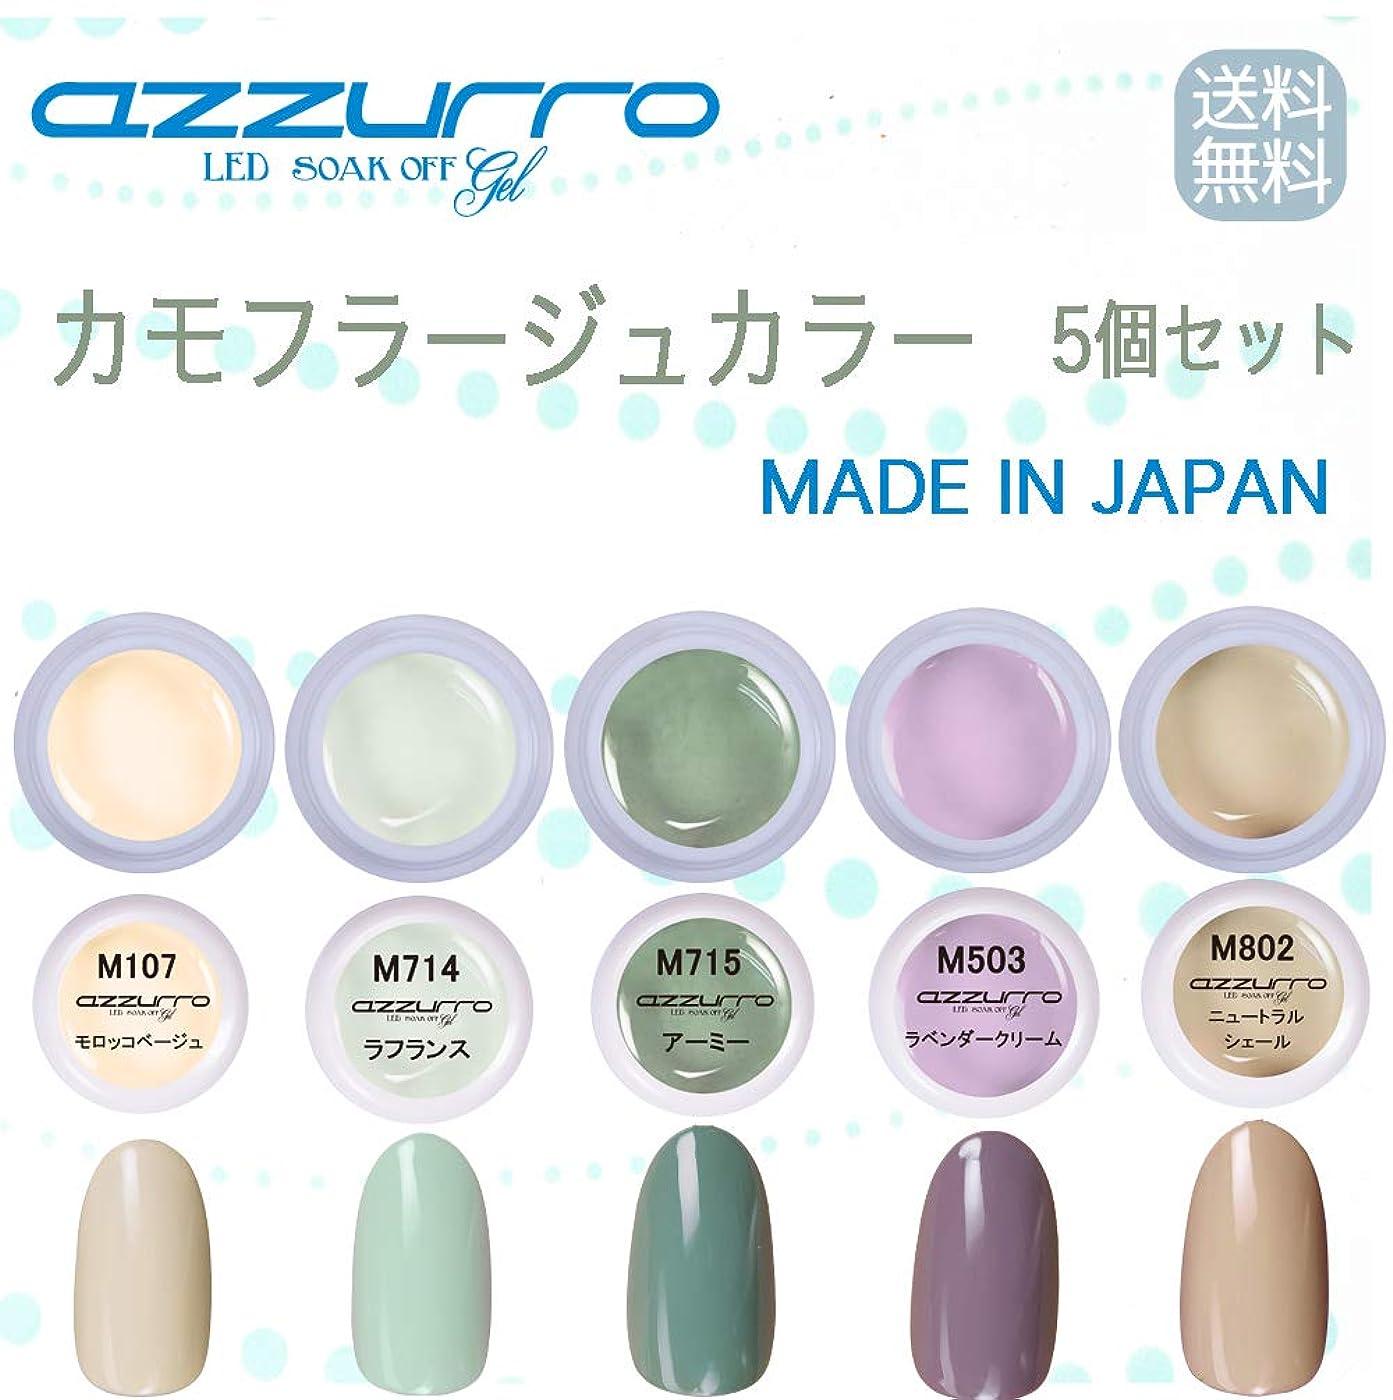 乗って減衰チョーク【送料無料】日本製 azzurro gel カモフラージュカラージェル5個セット 春にピッタリでクールなトレンドカラーのカモフラージュカラー